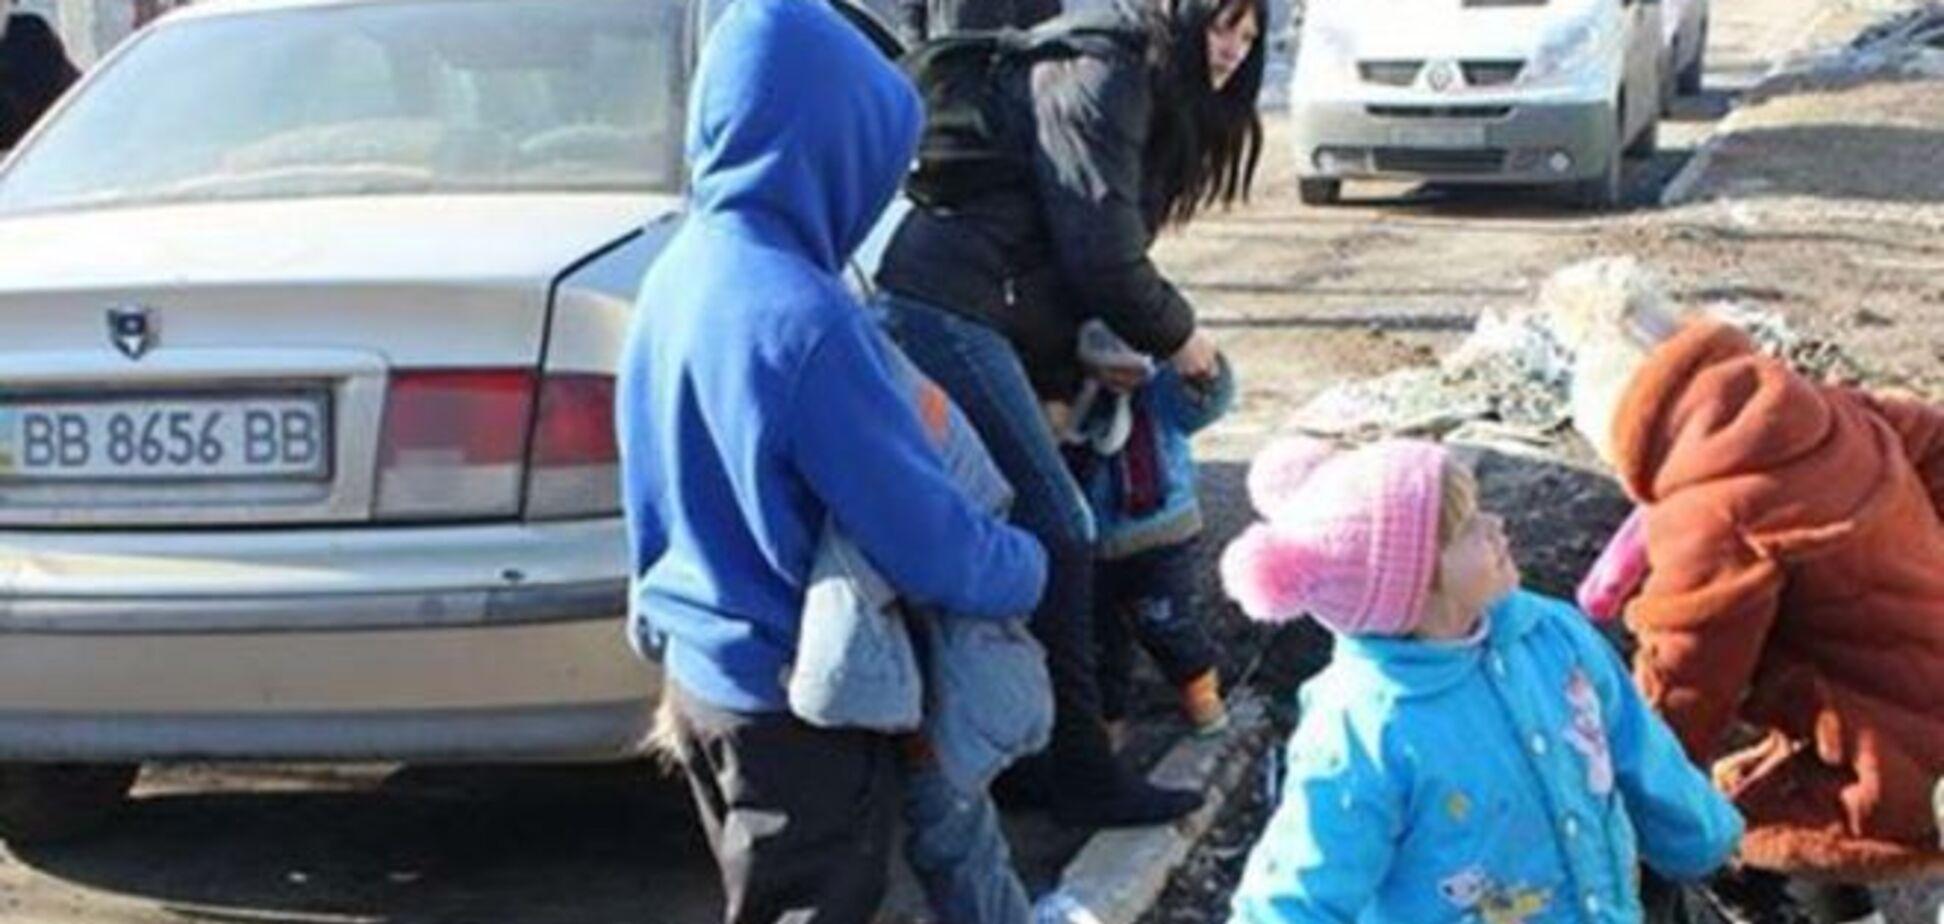 Из Донбасса не выпускают жителей на подконтрольную Украине территорию: волонтер намерен подать иск в суд